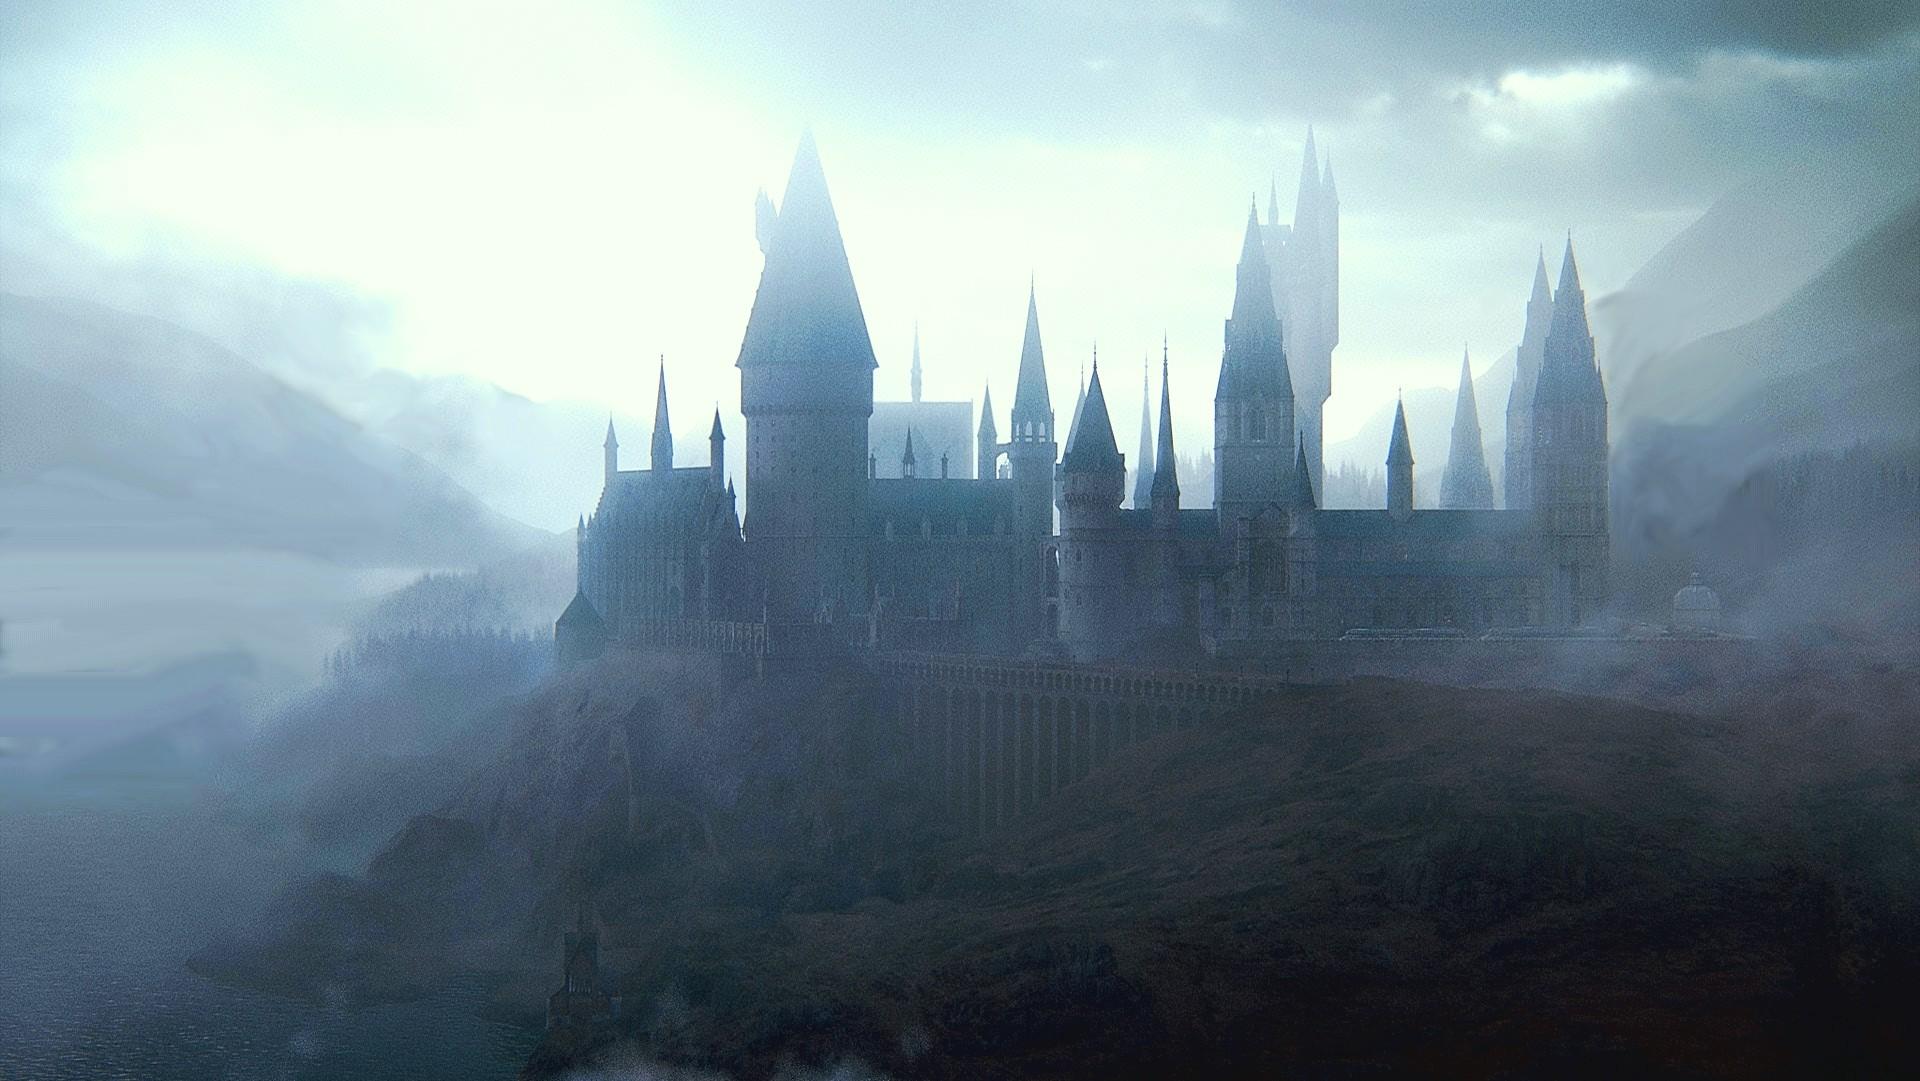 Harry Potter Hogwarts Wallpaper 65 Images